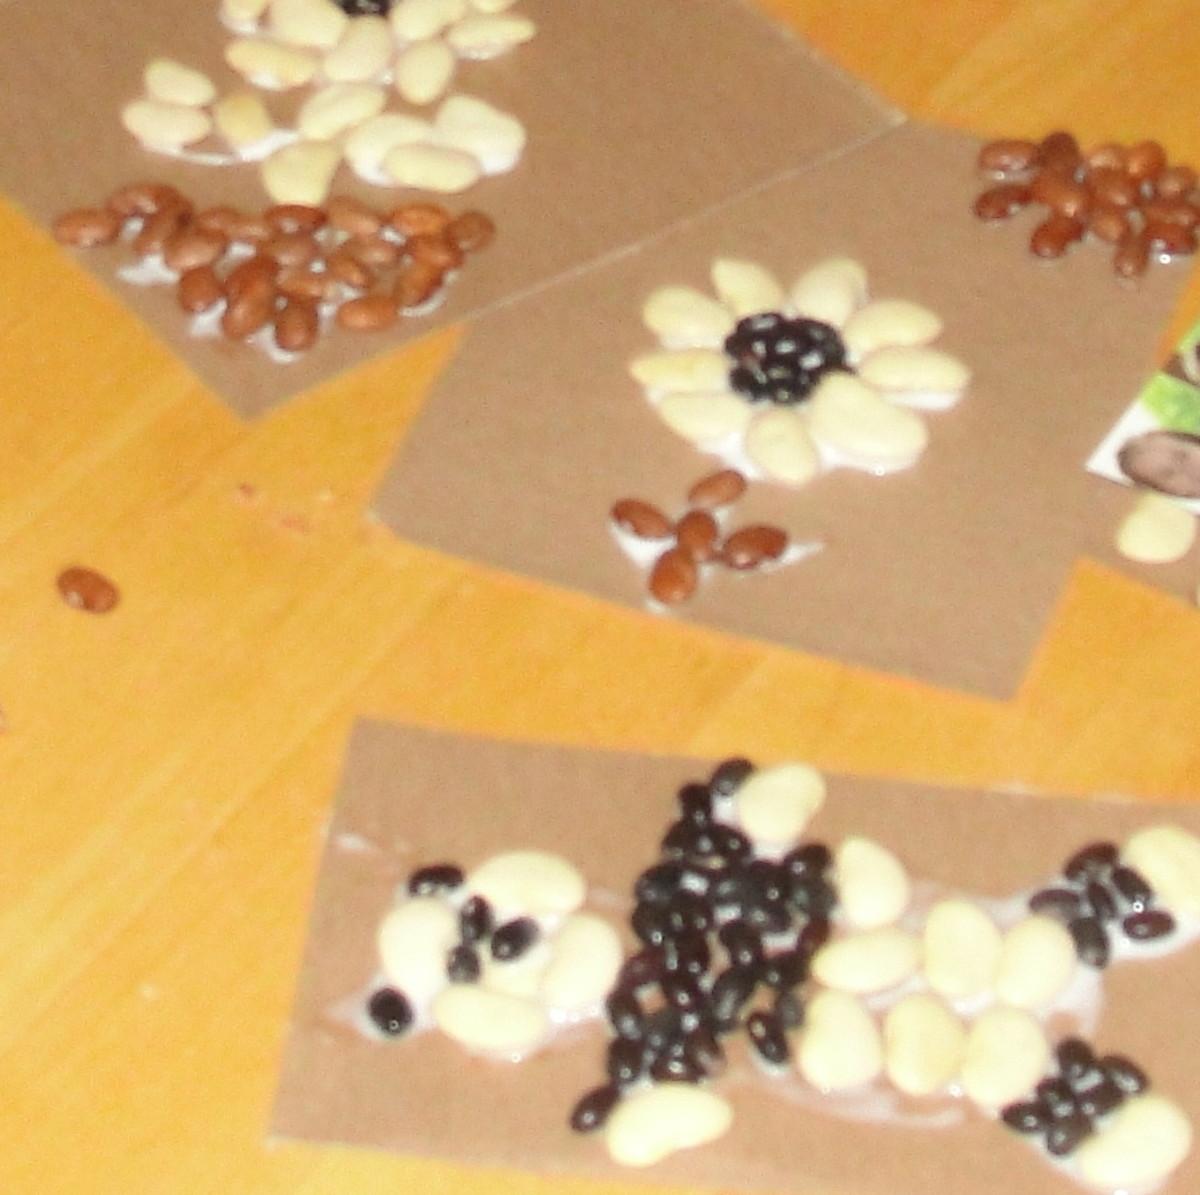 Plant Parts & Seeds Lesson Plan